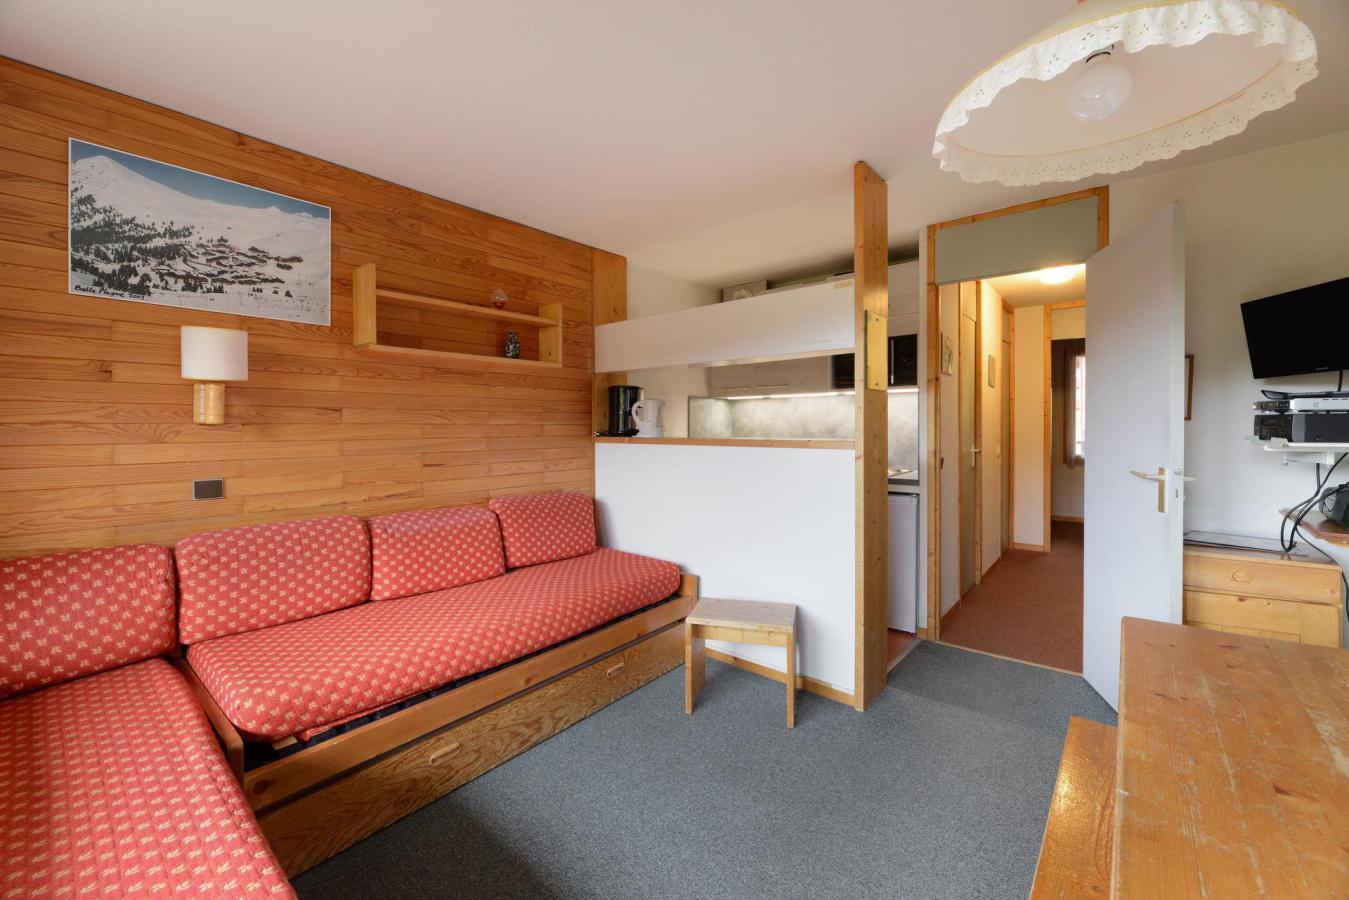 Location au ski Appartement 2 pièces 5 personnes (307) - Residence Turquoise - La Plagne